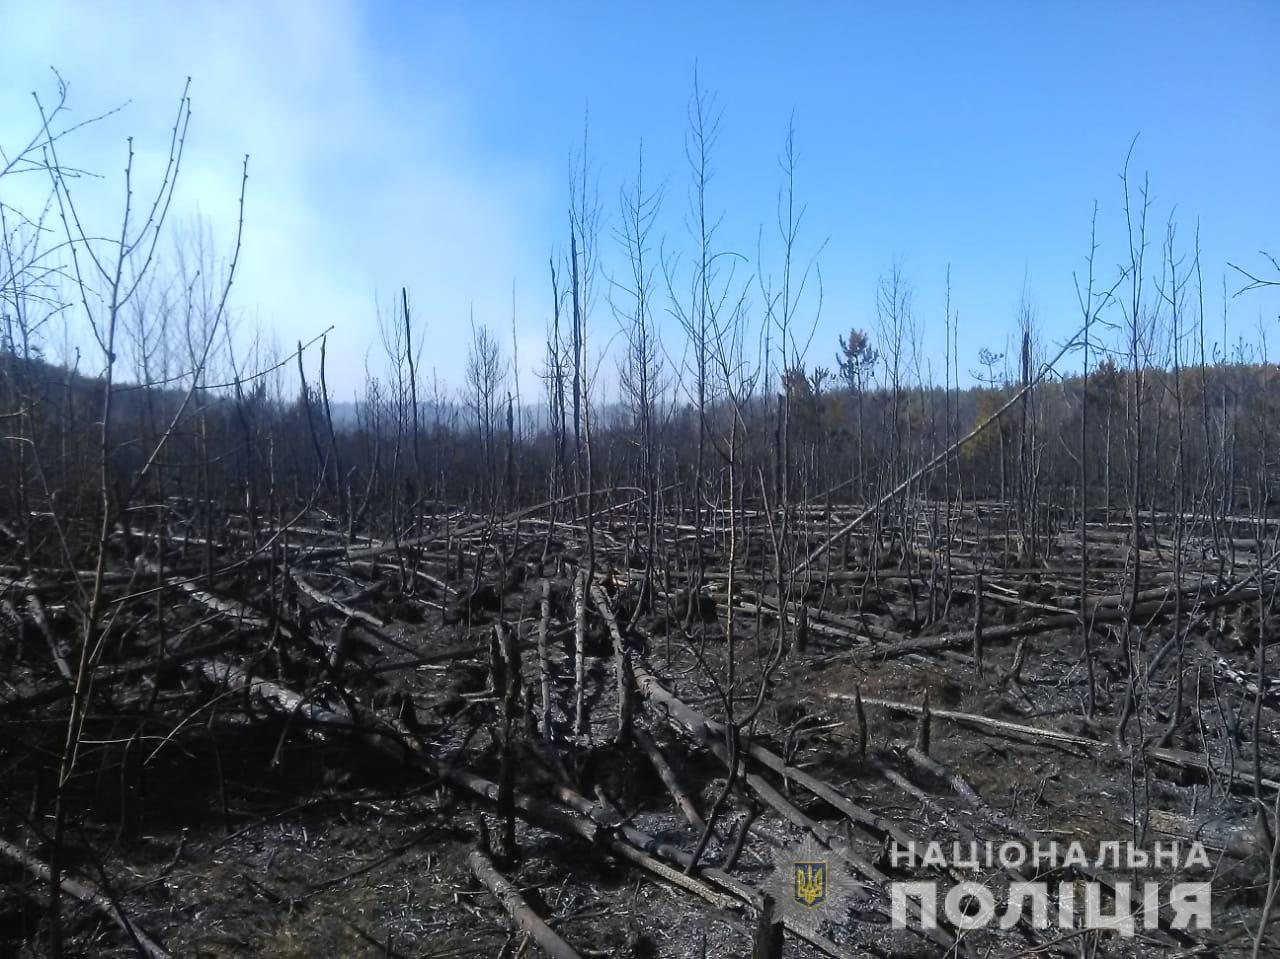 Полиция открыла дело из-за пожара в Чернобыльской зоне